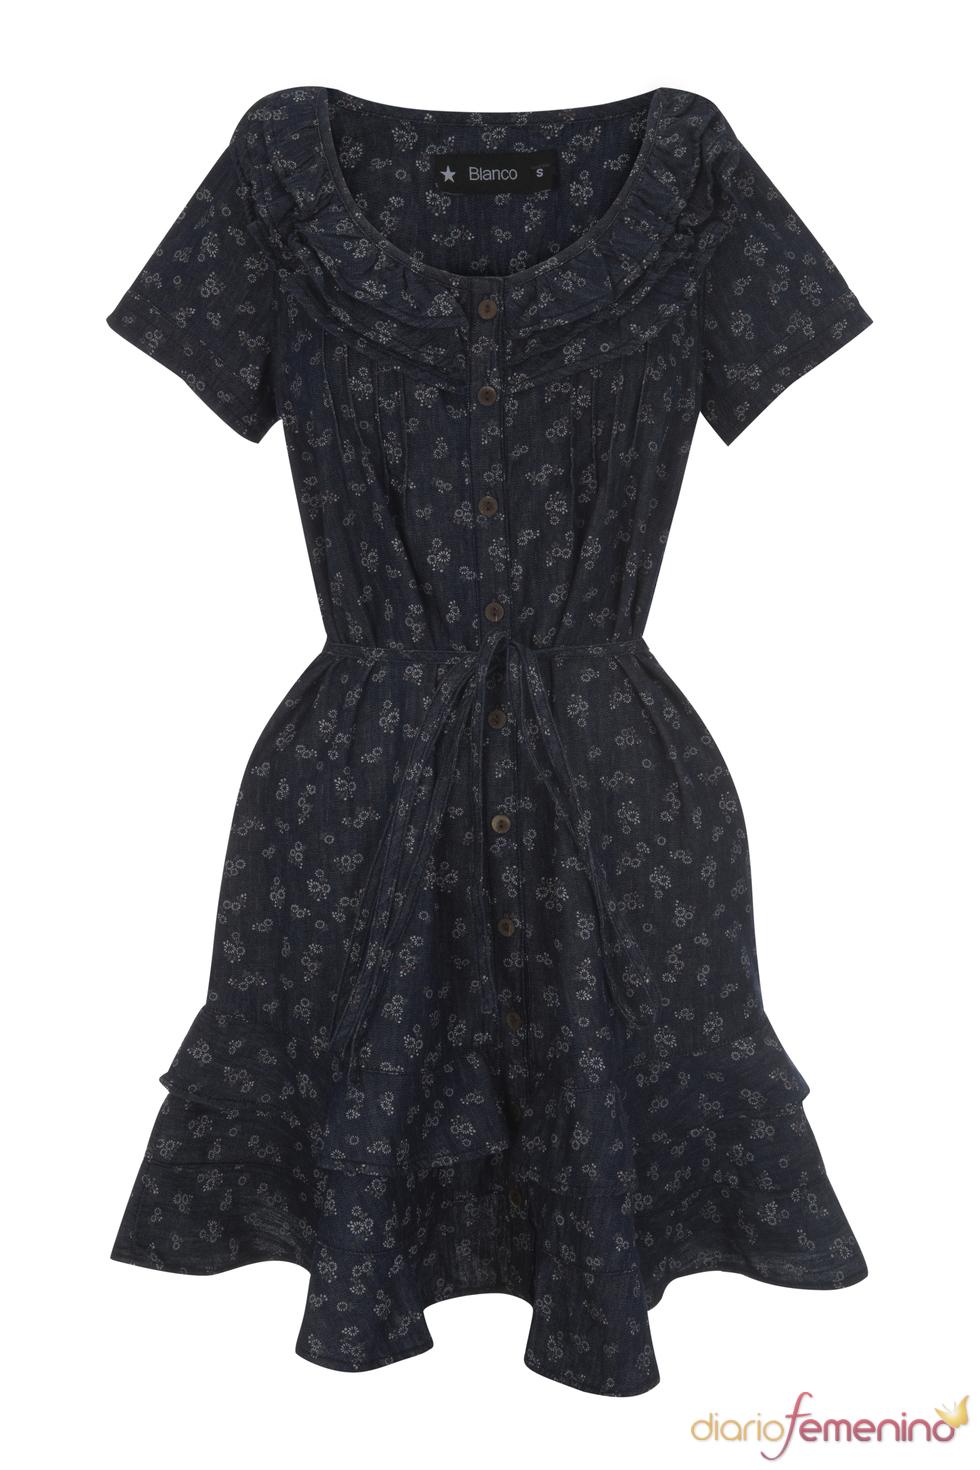 Vestido azul marino vaporoso de la colección primavera 2011 de Blanco